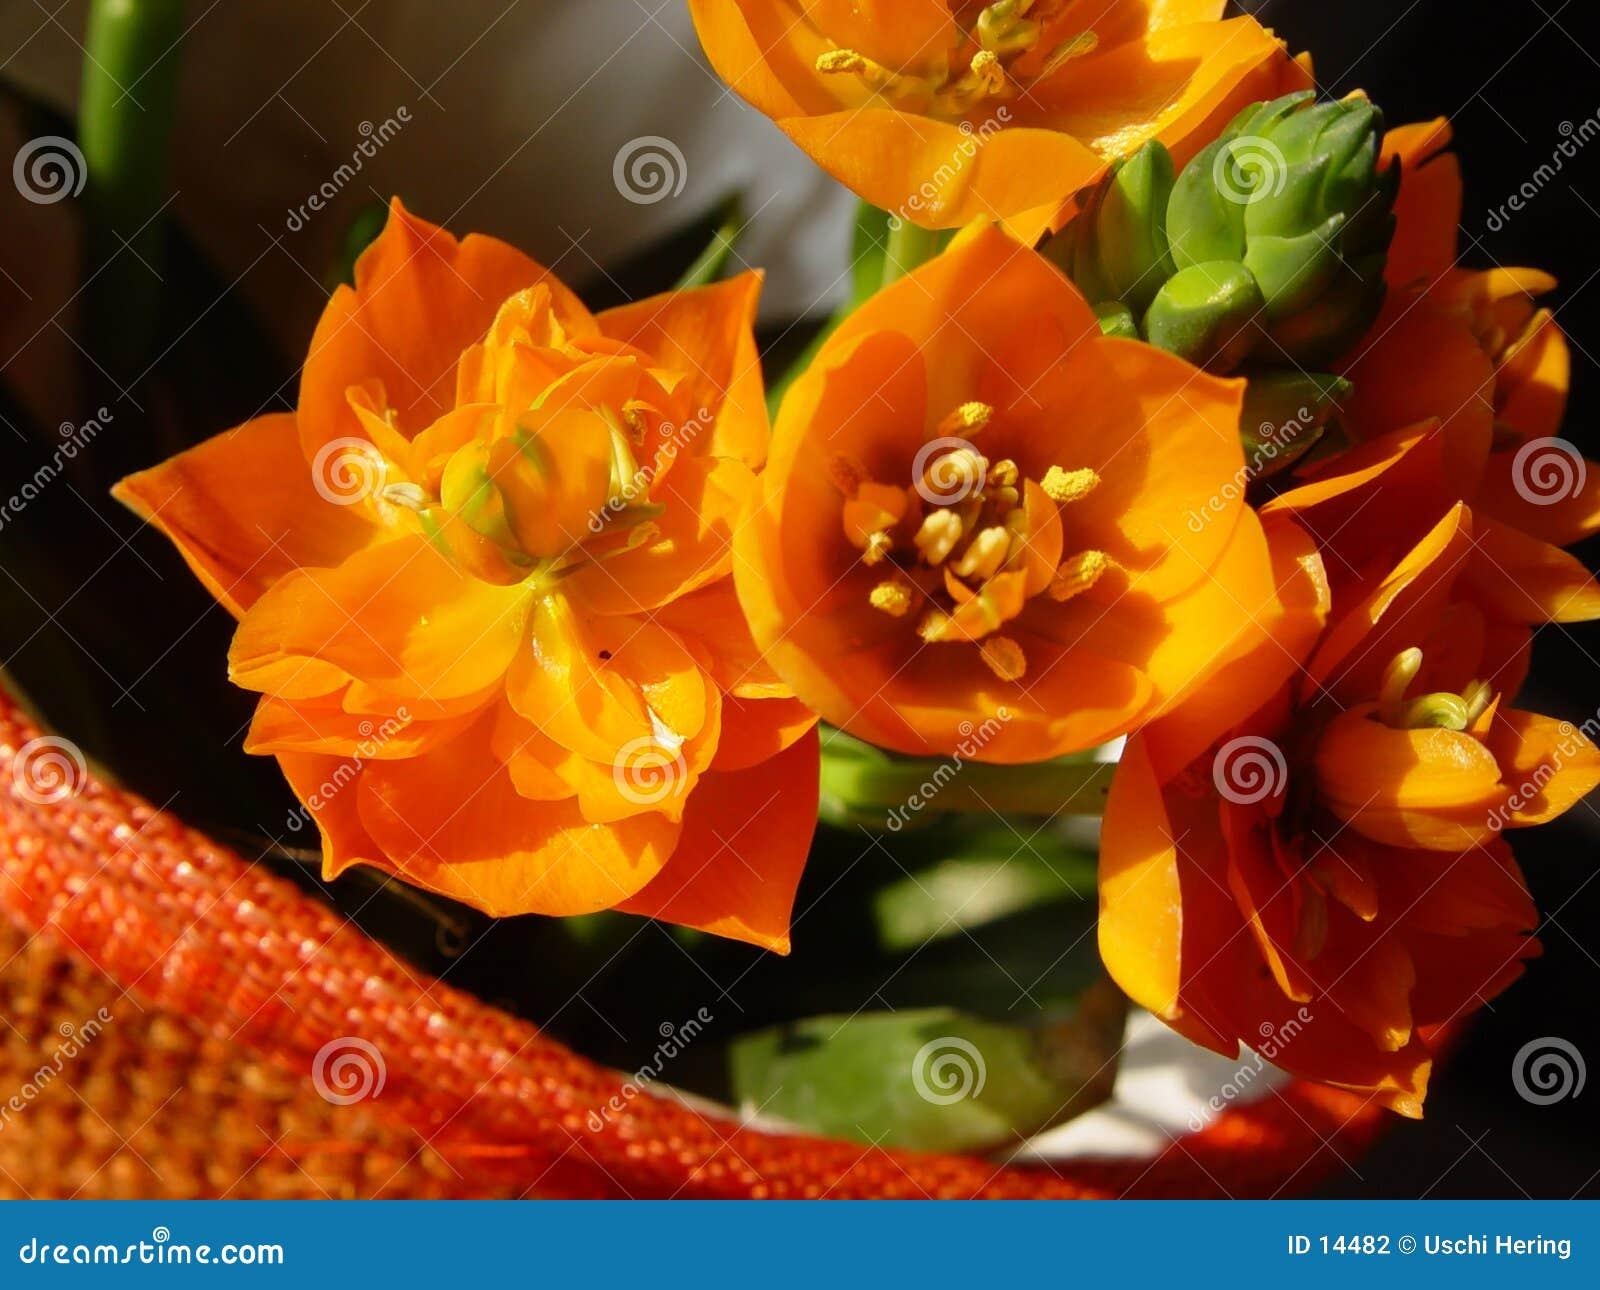 Pianta Grassa Con Fiori Arancioni ~ duylinh for